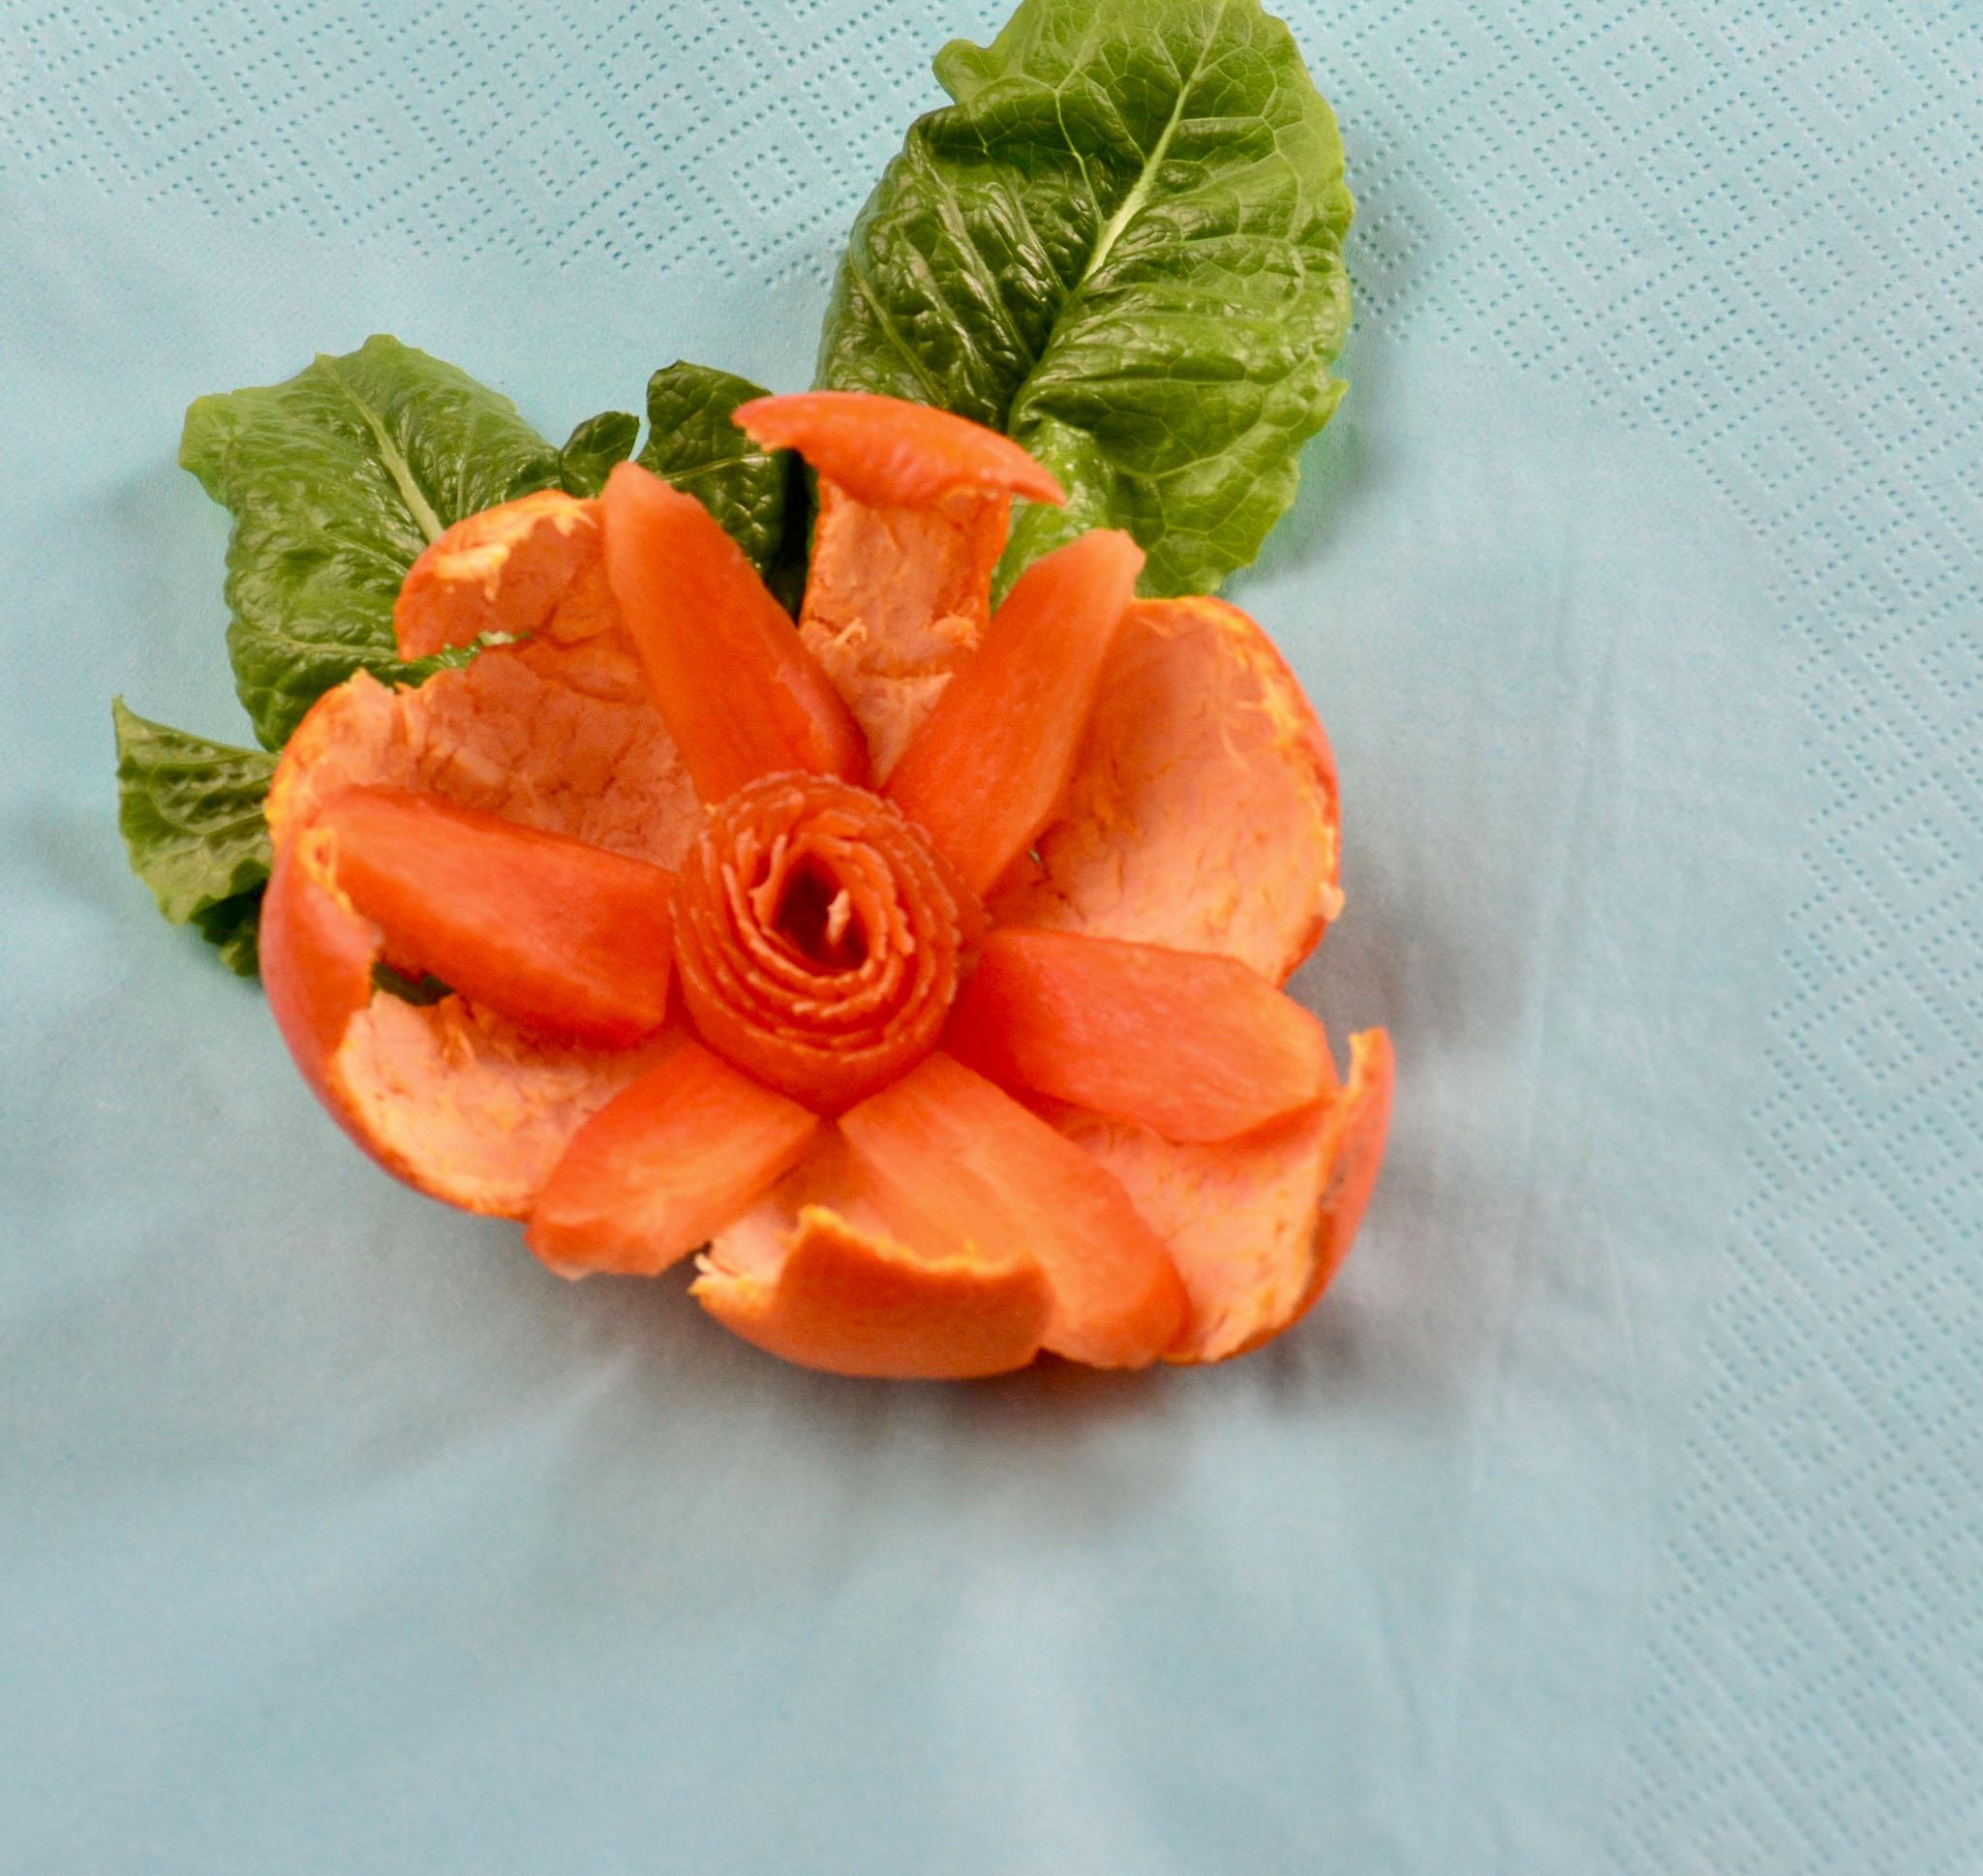 Diane Sullivan - ROC Flower (Romaine, Orange, Carrot)